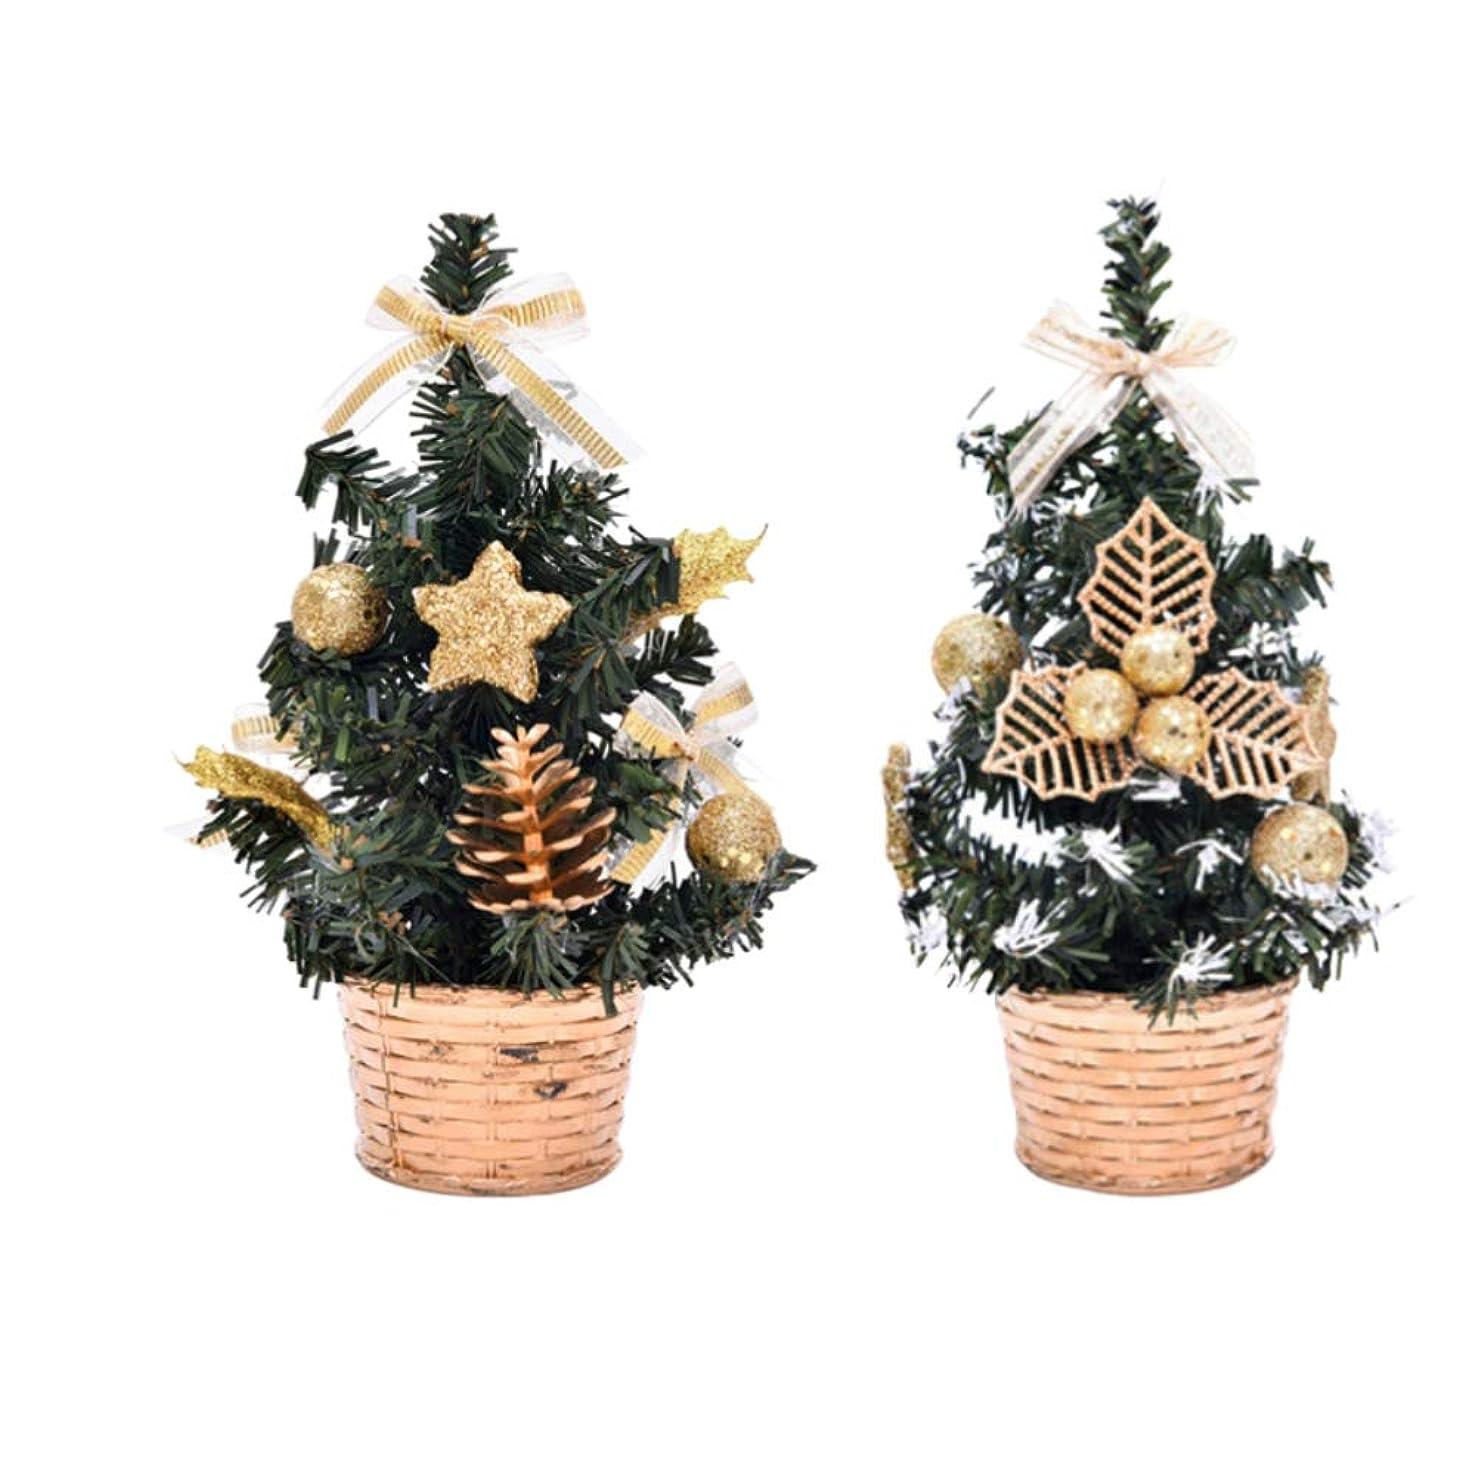 こするキャリッジ合法Vosarea 2ピースミニクリスマスツリーデスクトップミニチュアパインツリークリスマス卓上装飾品diy工芸家の装飾クリスマス飾り